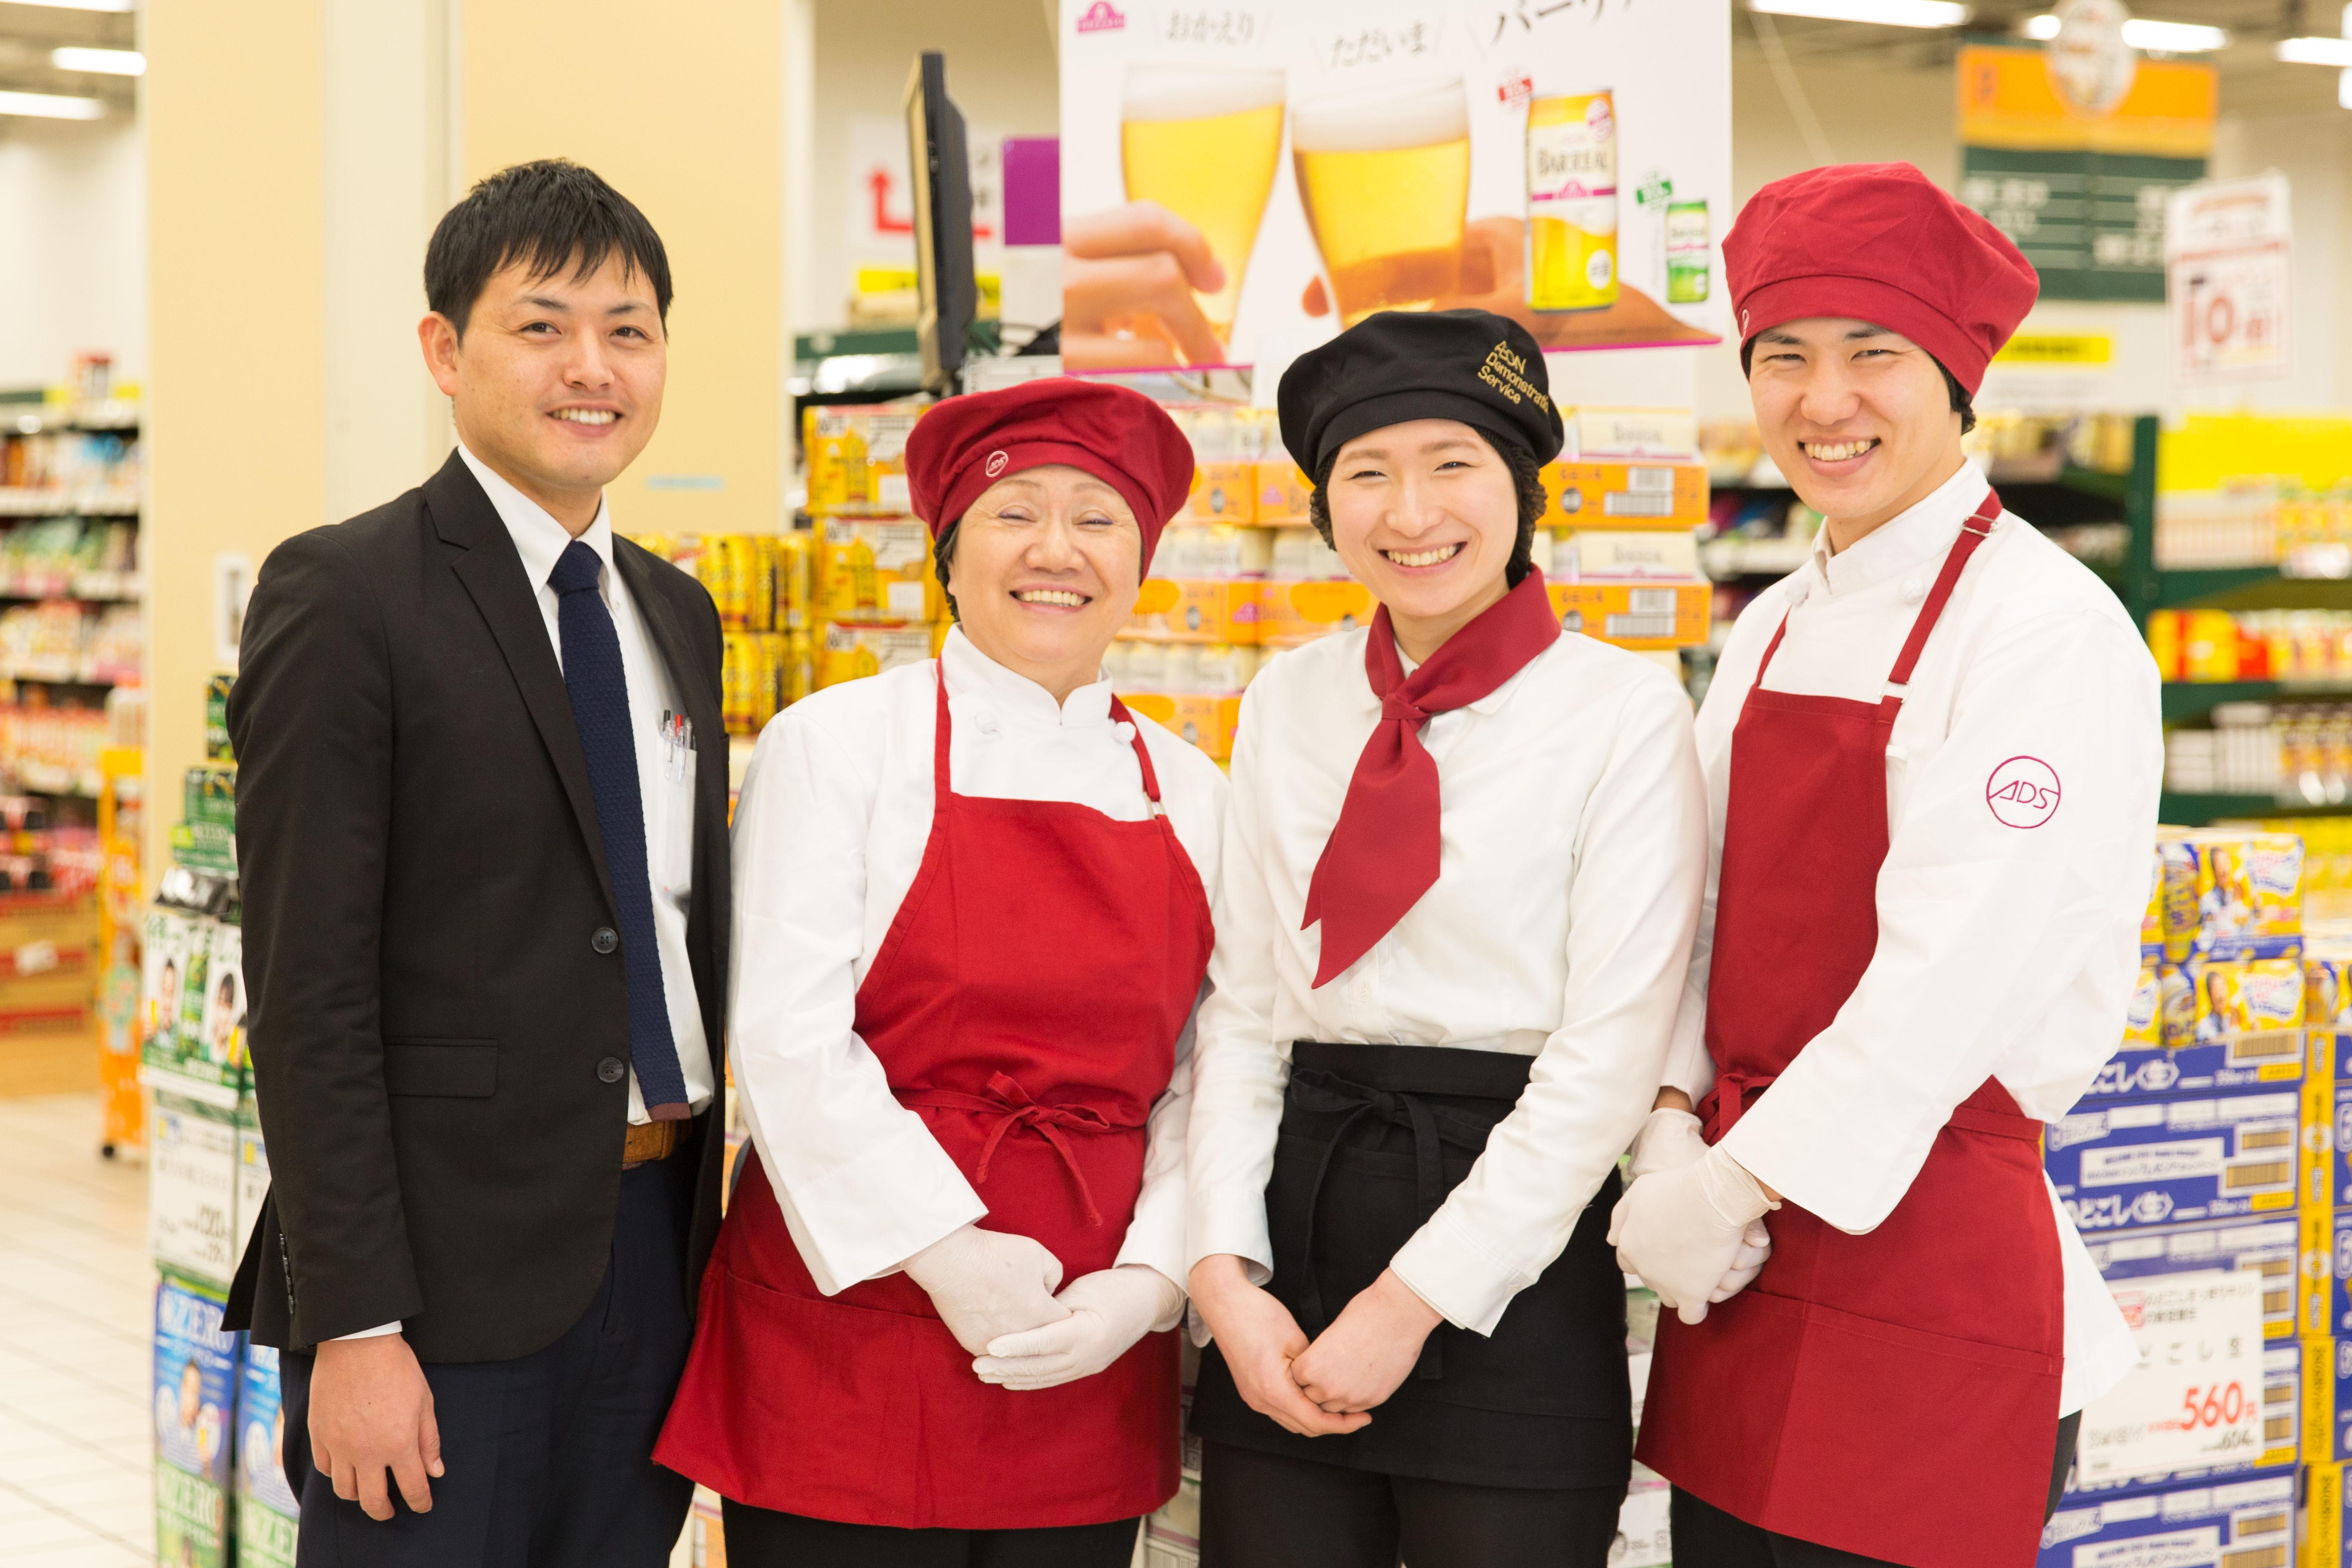 イオン 南砂店 のアルバイト情報